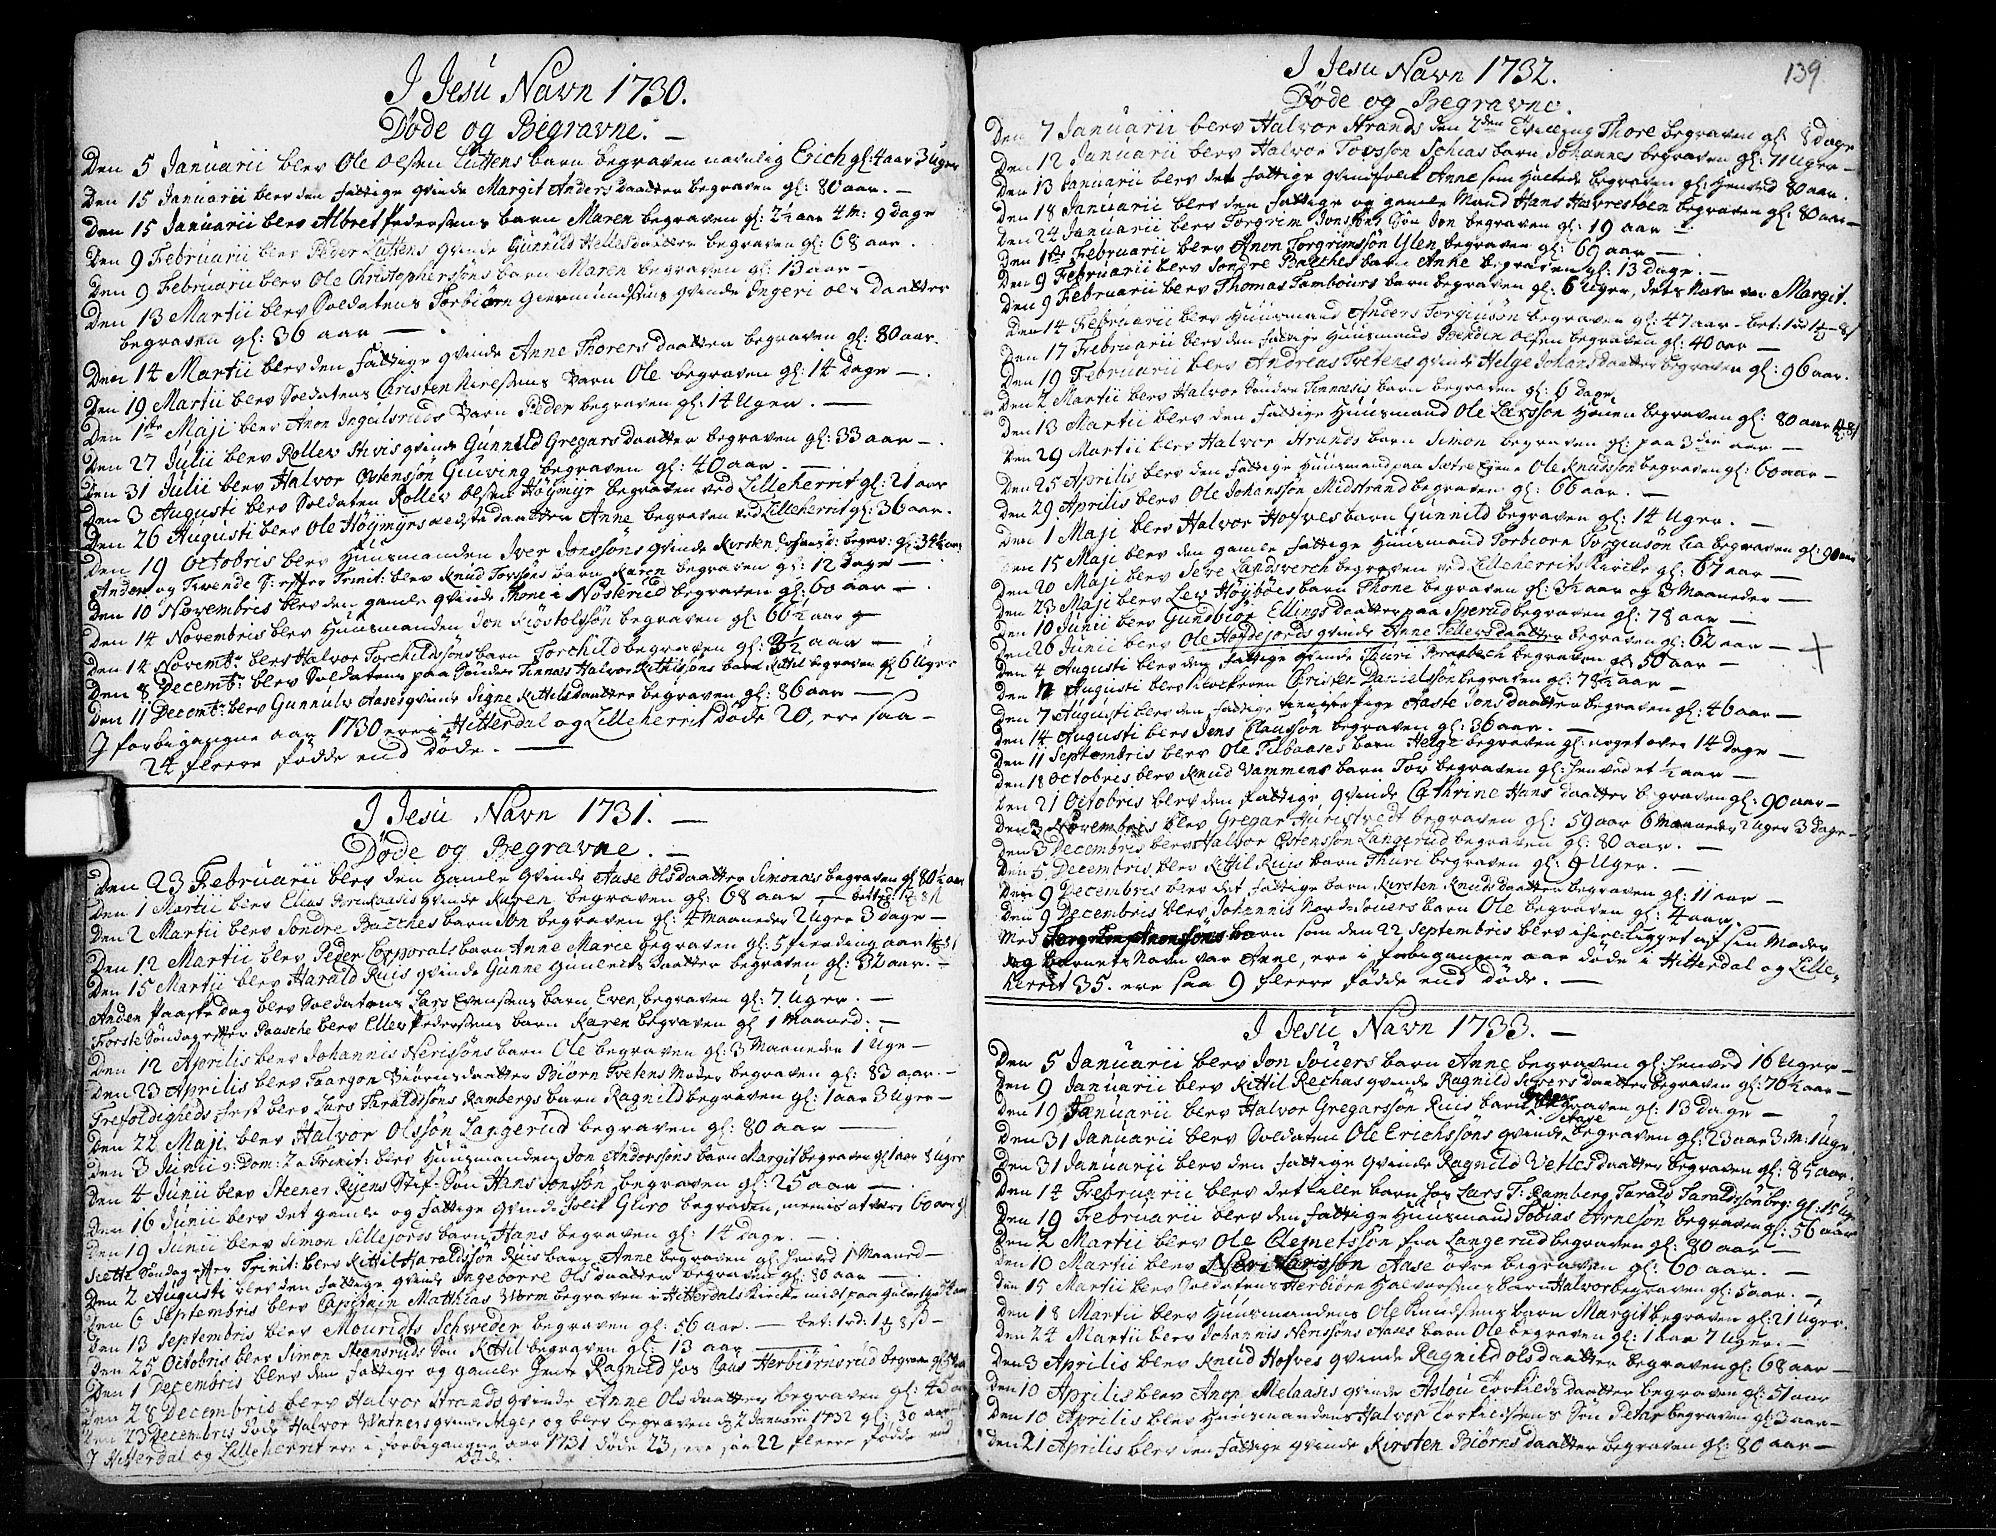 SAKO, Heddal kirkebøker, F/Fa/L0003: Ministerialbok nr. I 3, 1723-1783, s. 139